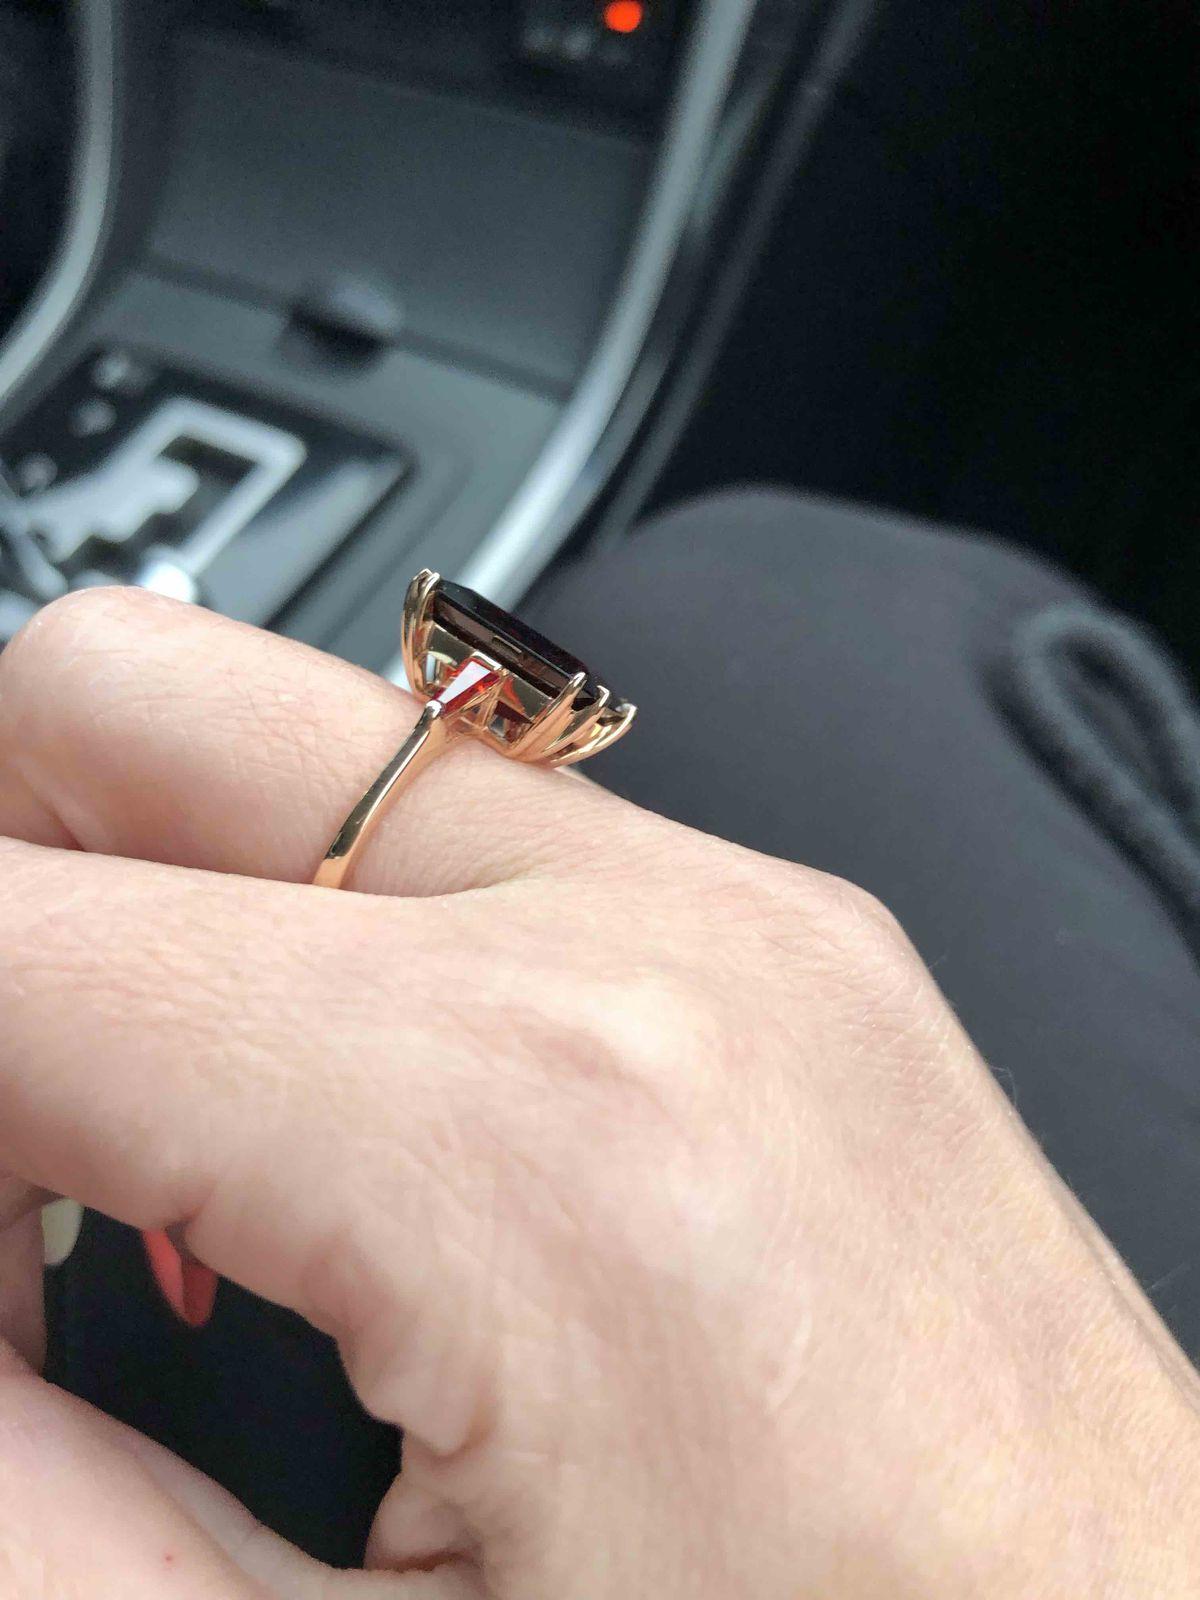 Замечательно кольцо!